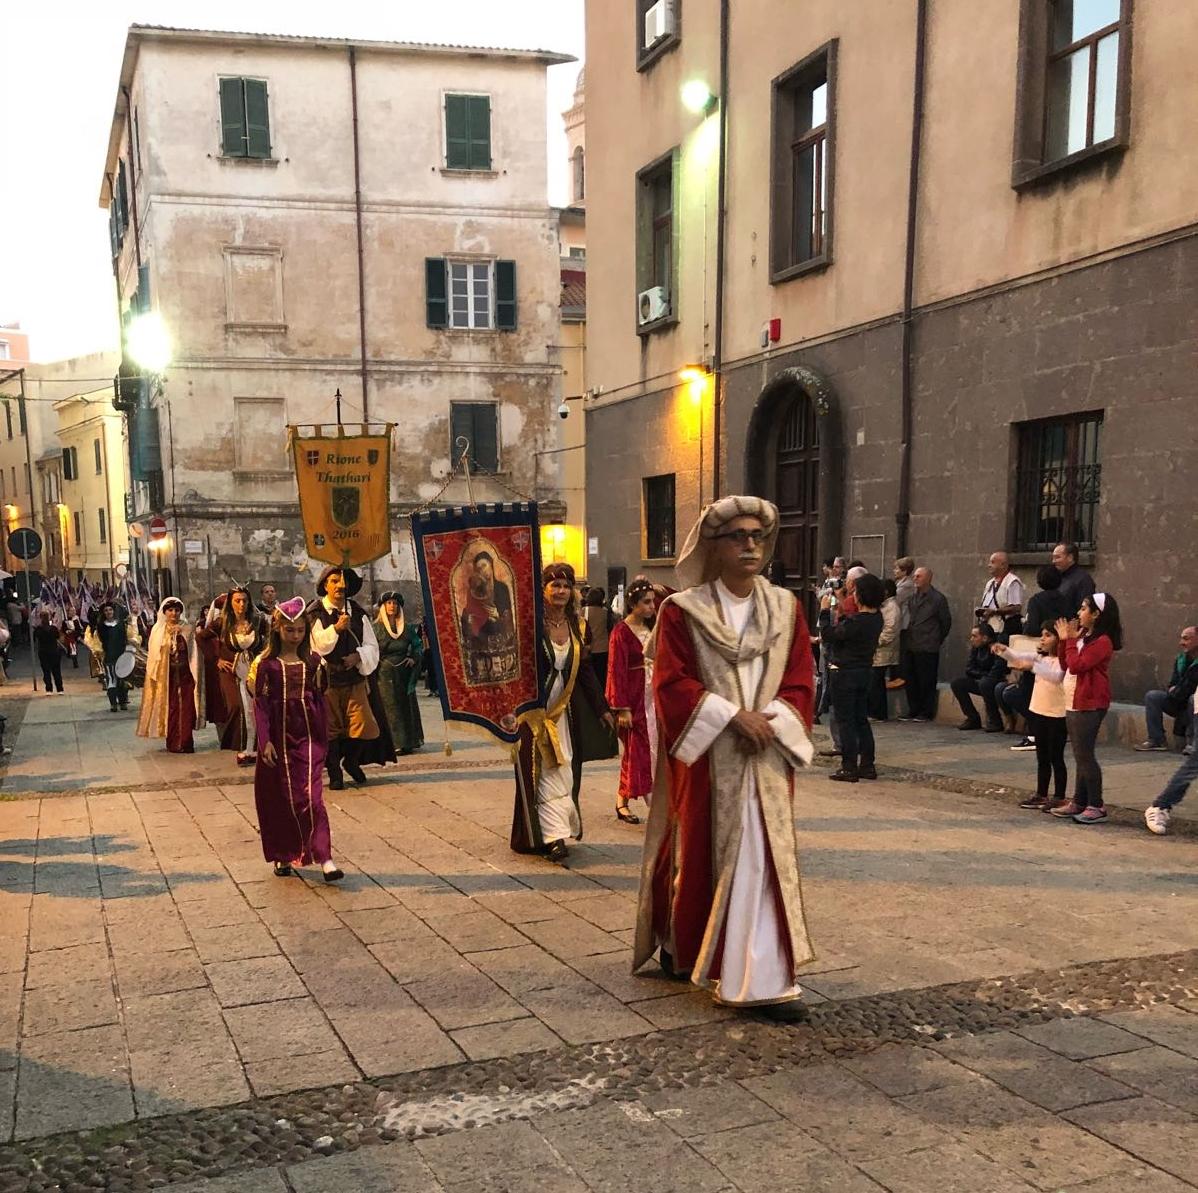 I costumi e le tradizioni del Medioevo ieri a Sassari, il cuore medievale della città ha ospitato un corteo di 150 figuranti in abiti d'epoca. In piazza santa Caterina si è tenuto il palio degli sbandieratori, vinto da Mirko e Fabio del Rione Silki.